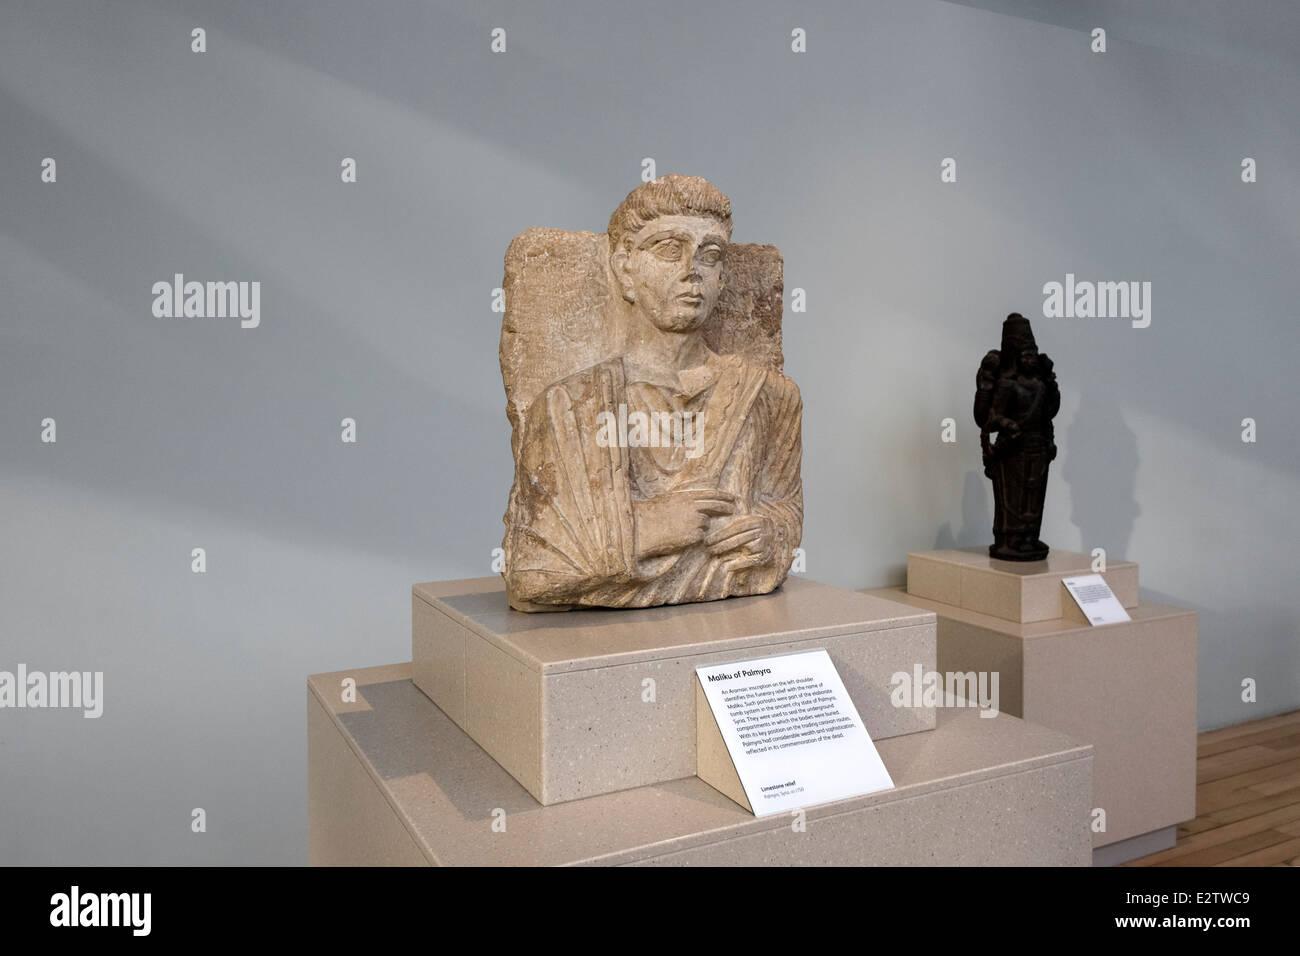 Maliku of Palmyra. National Museum of Scotland, Edinburgh, Scotland - Stock Image